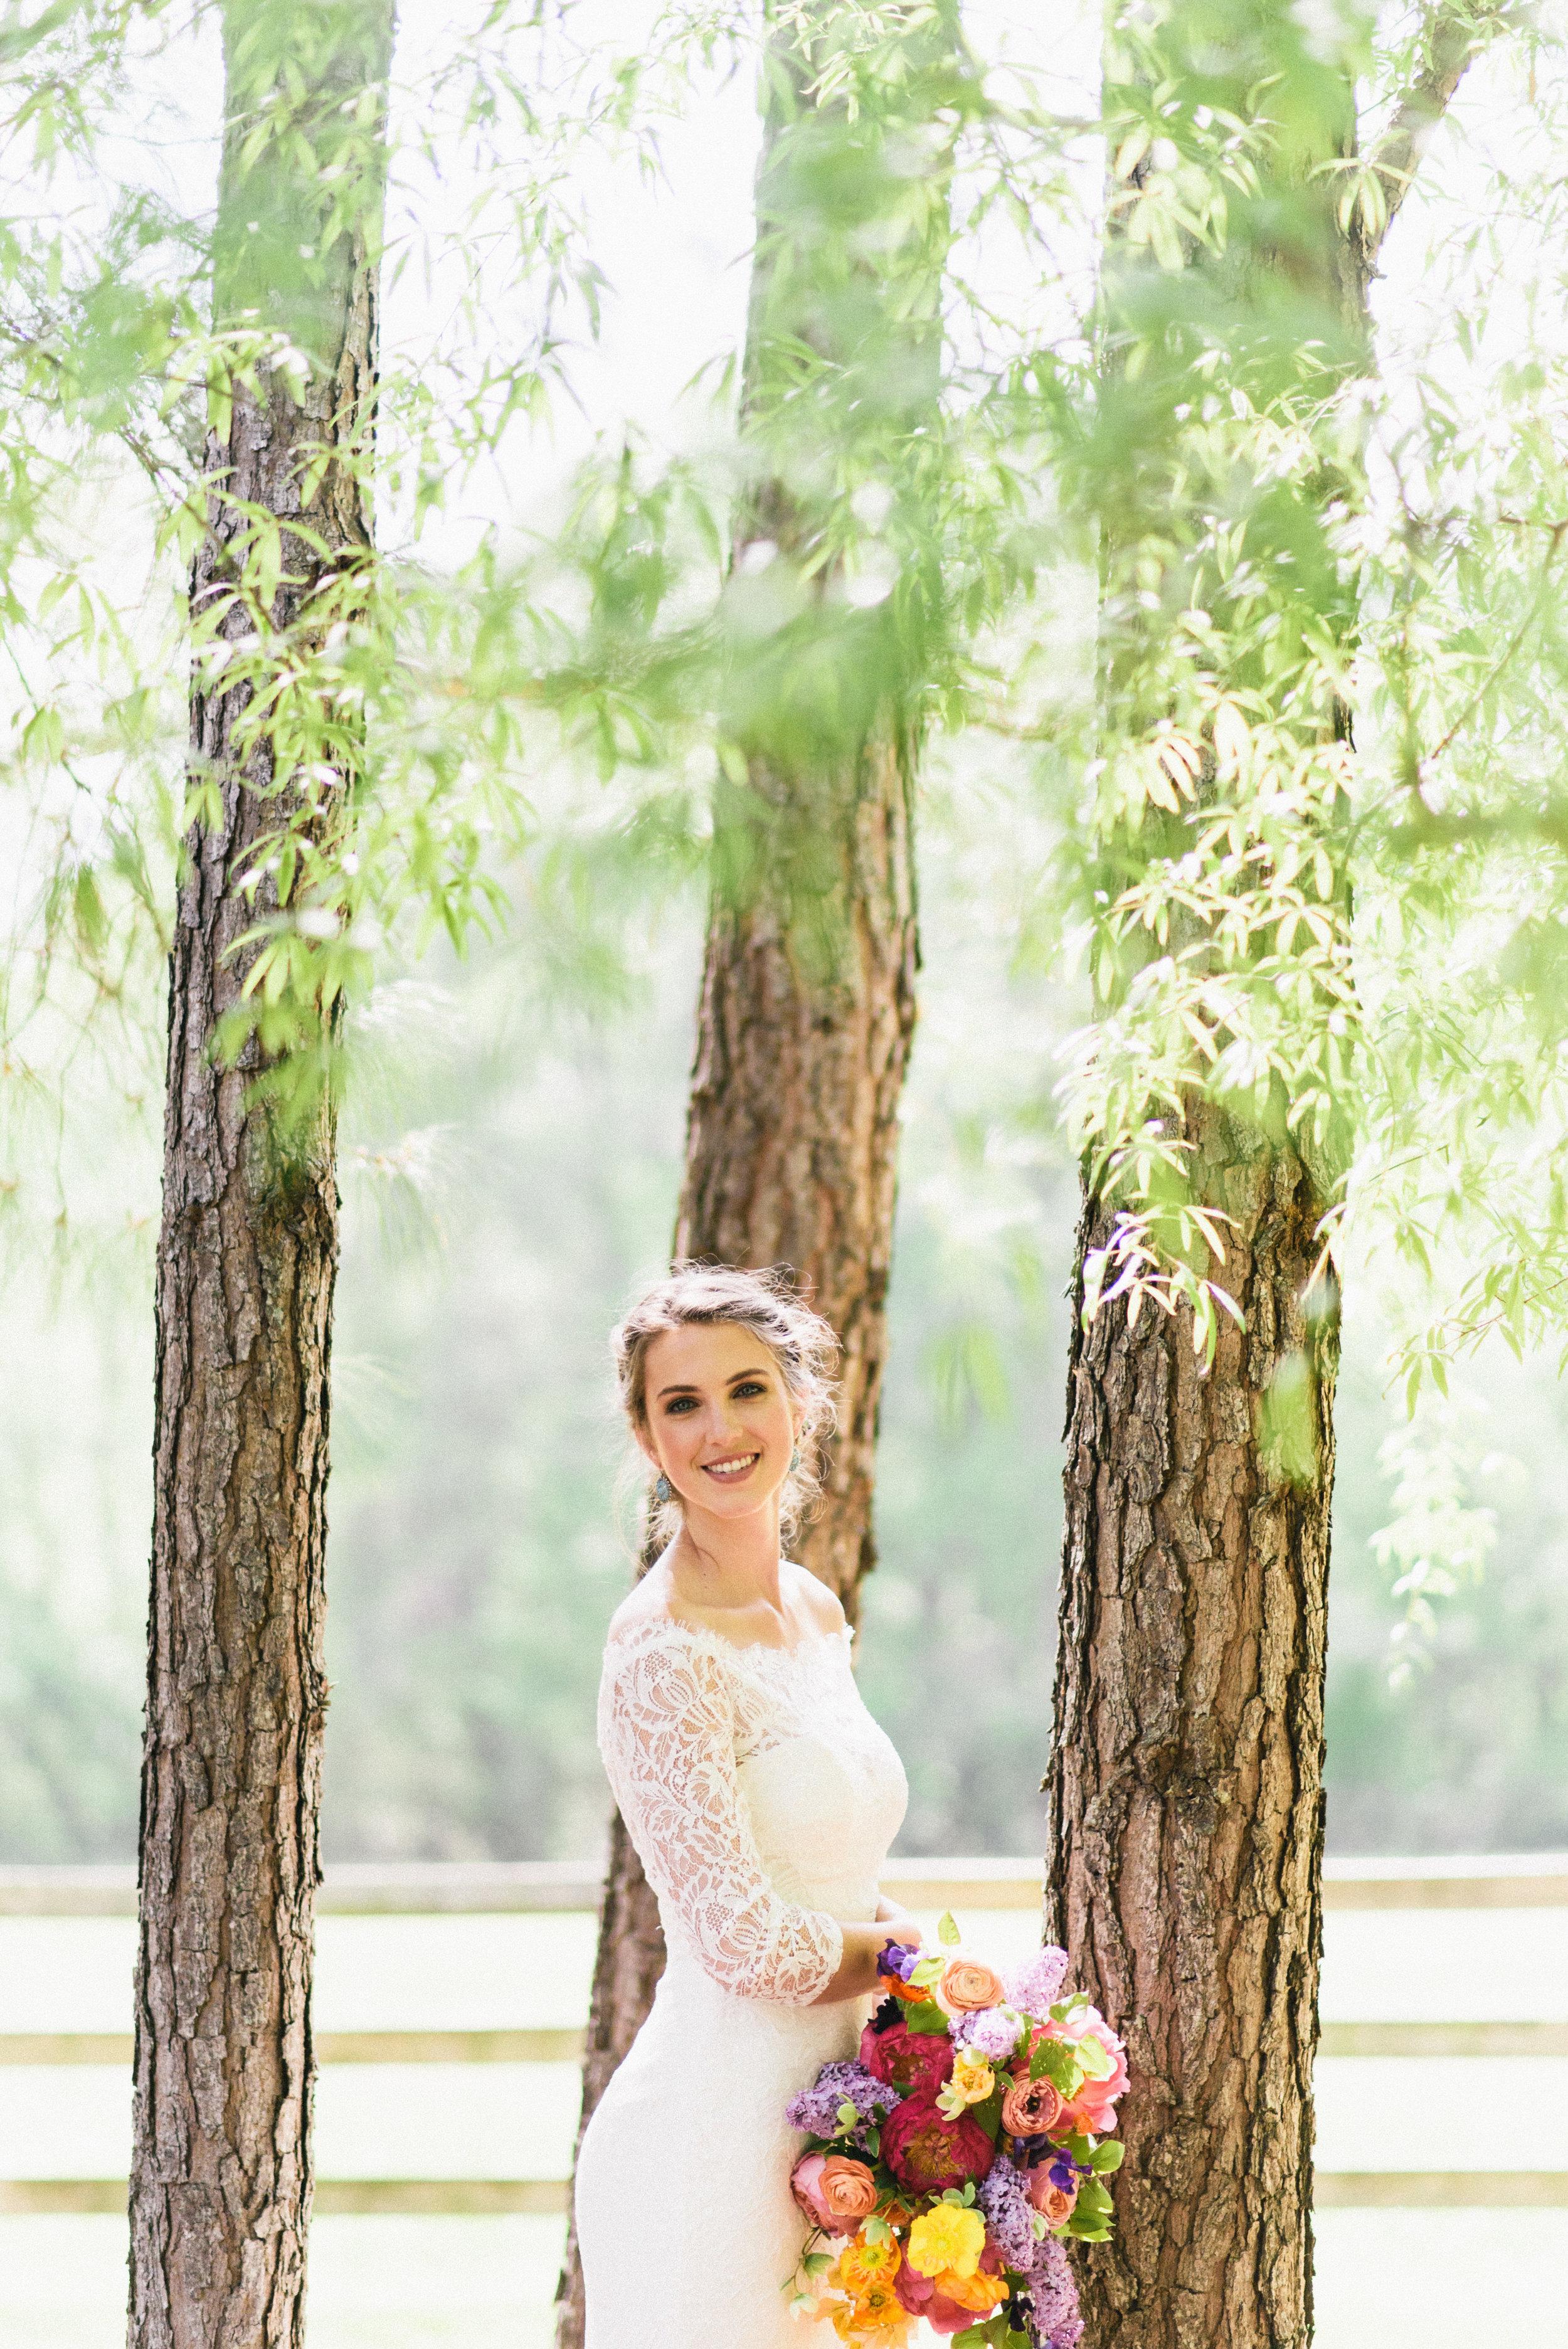 raleigh-elopement-photographer-raleigh-durham-wedding-maddie-and-devin- (35 of 162).jpg